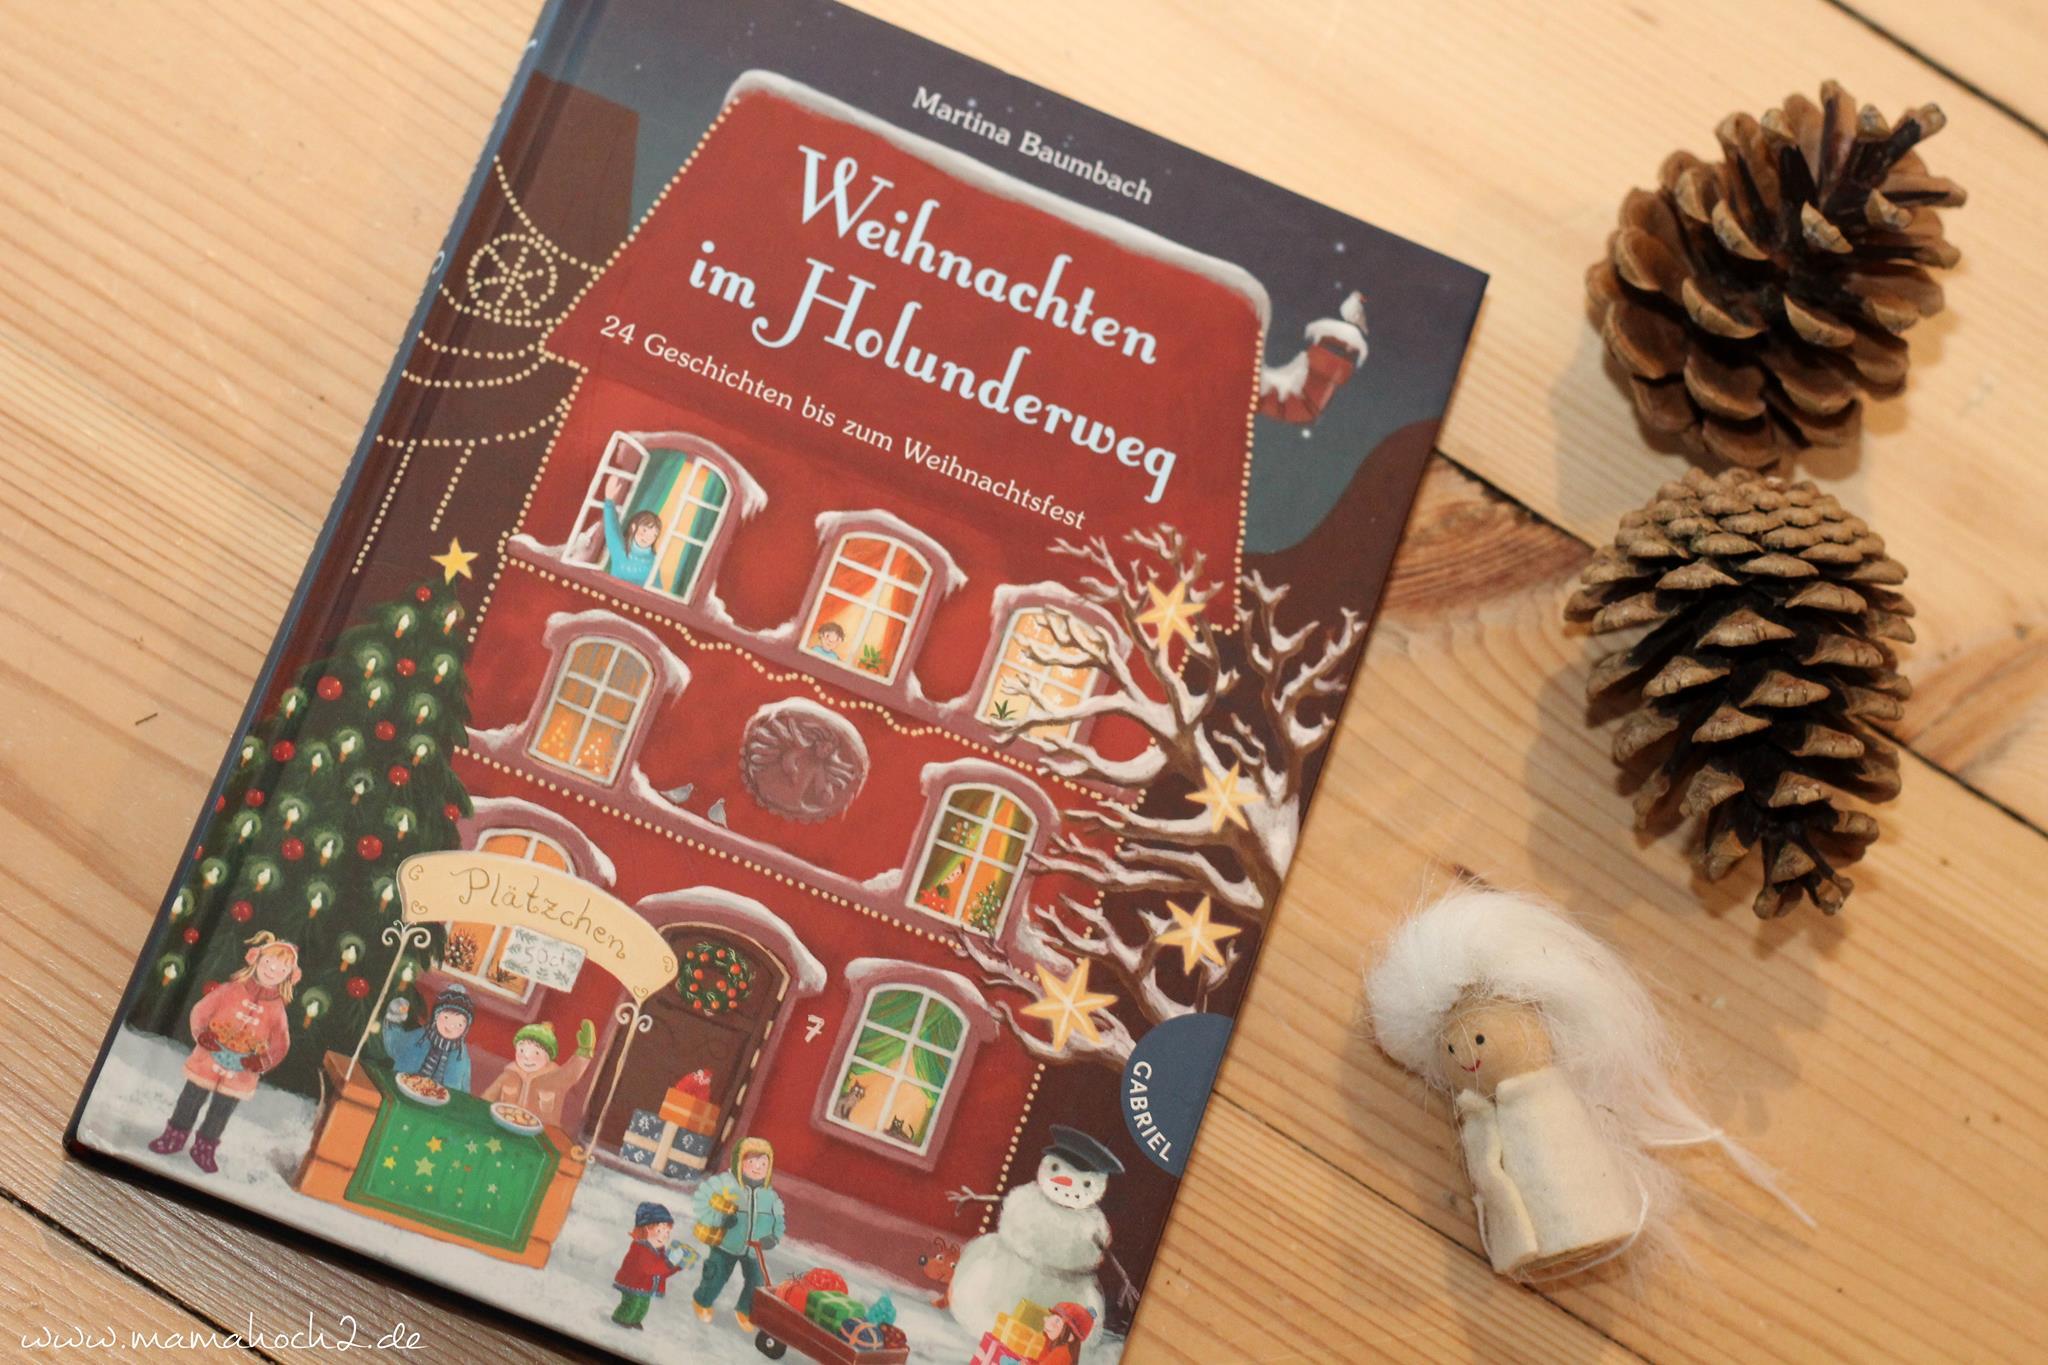 Weihnachtsbücher weihnachten bücher (4) weihnachten im holunderweg